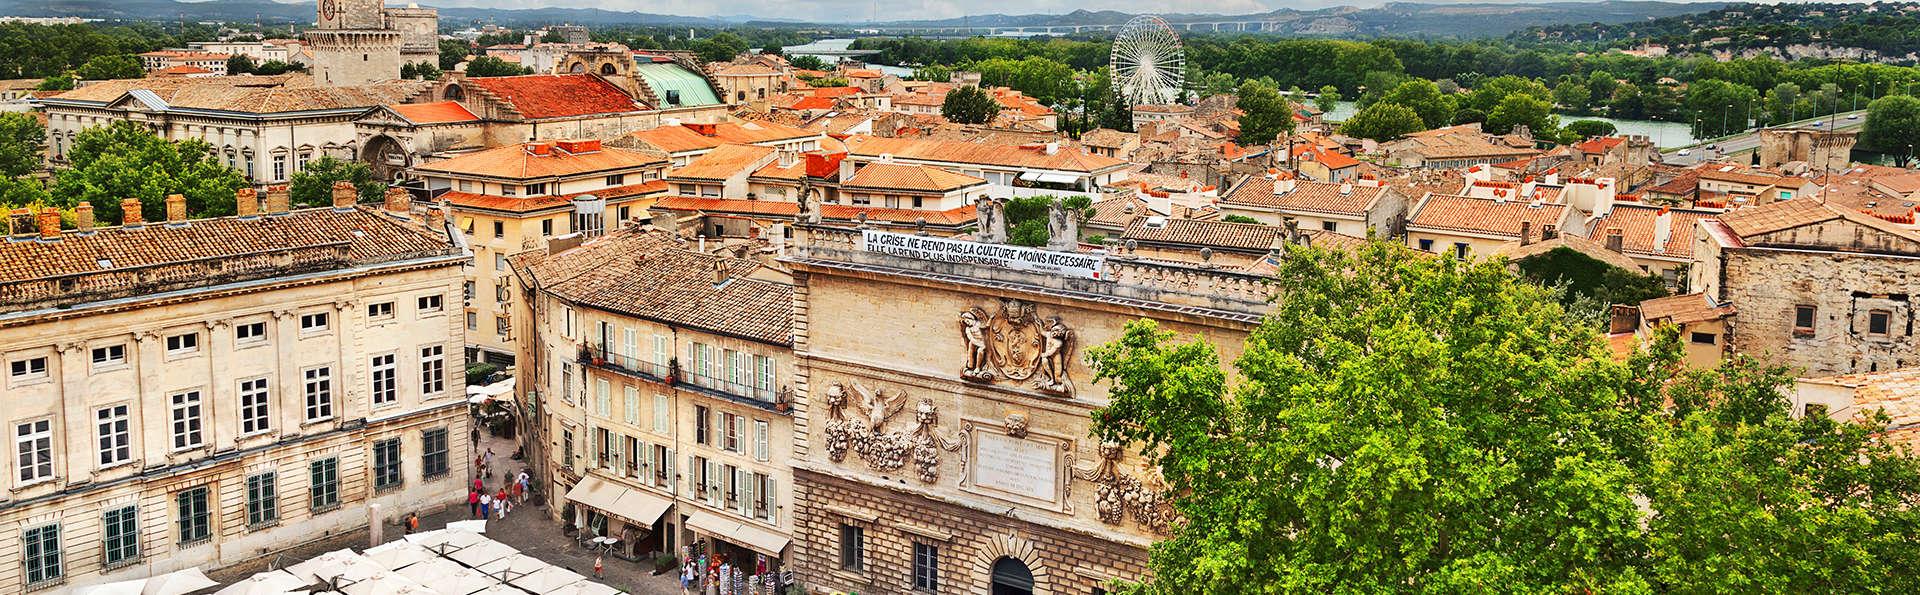 Vacancéole - Résidence Les Demeures du Ventoux - Edit_Avignon.jpg